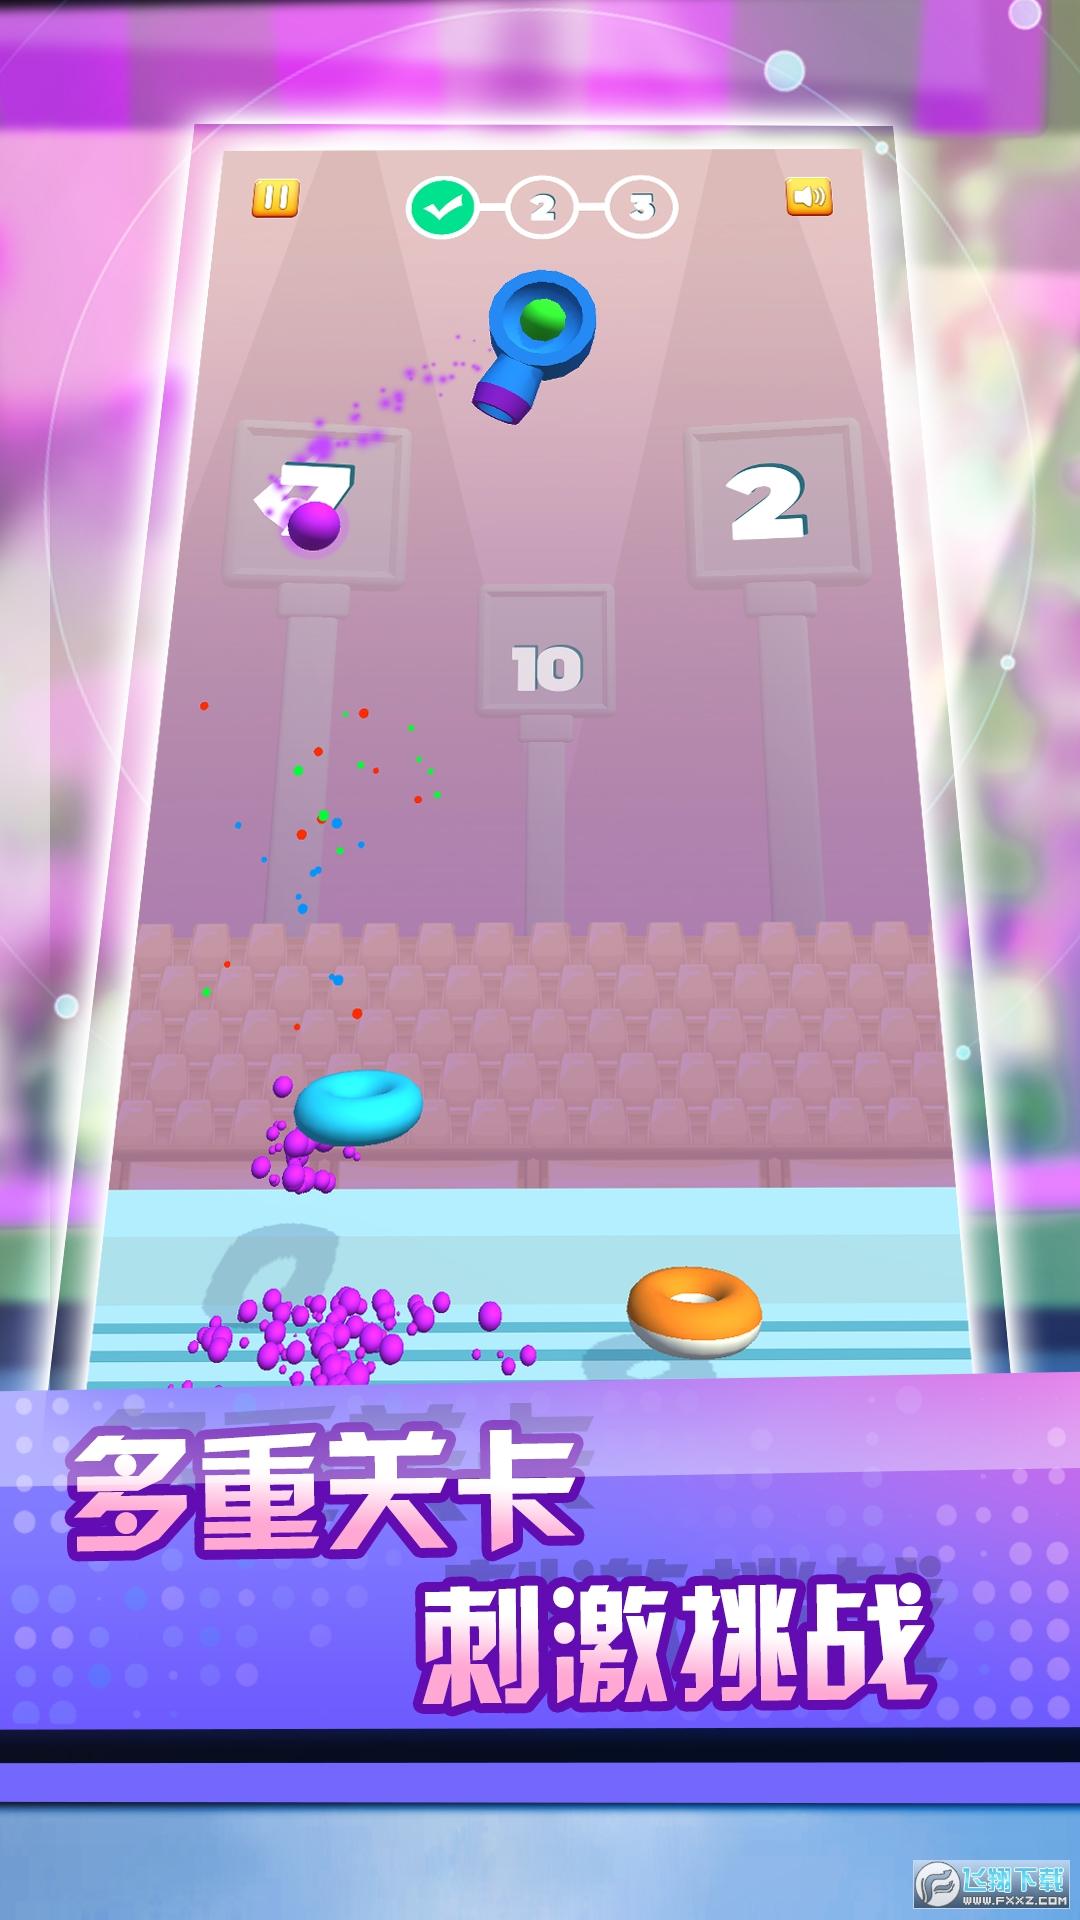 爱上玩球球安卓版v1.0.2最新版截图2